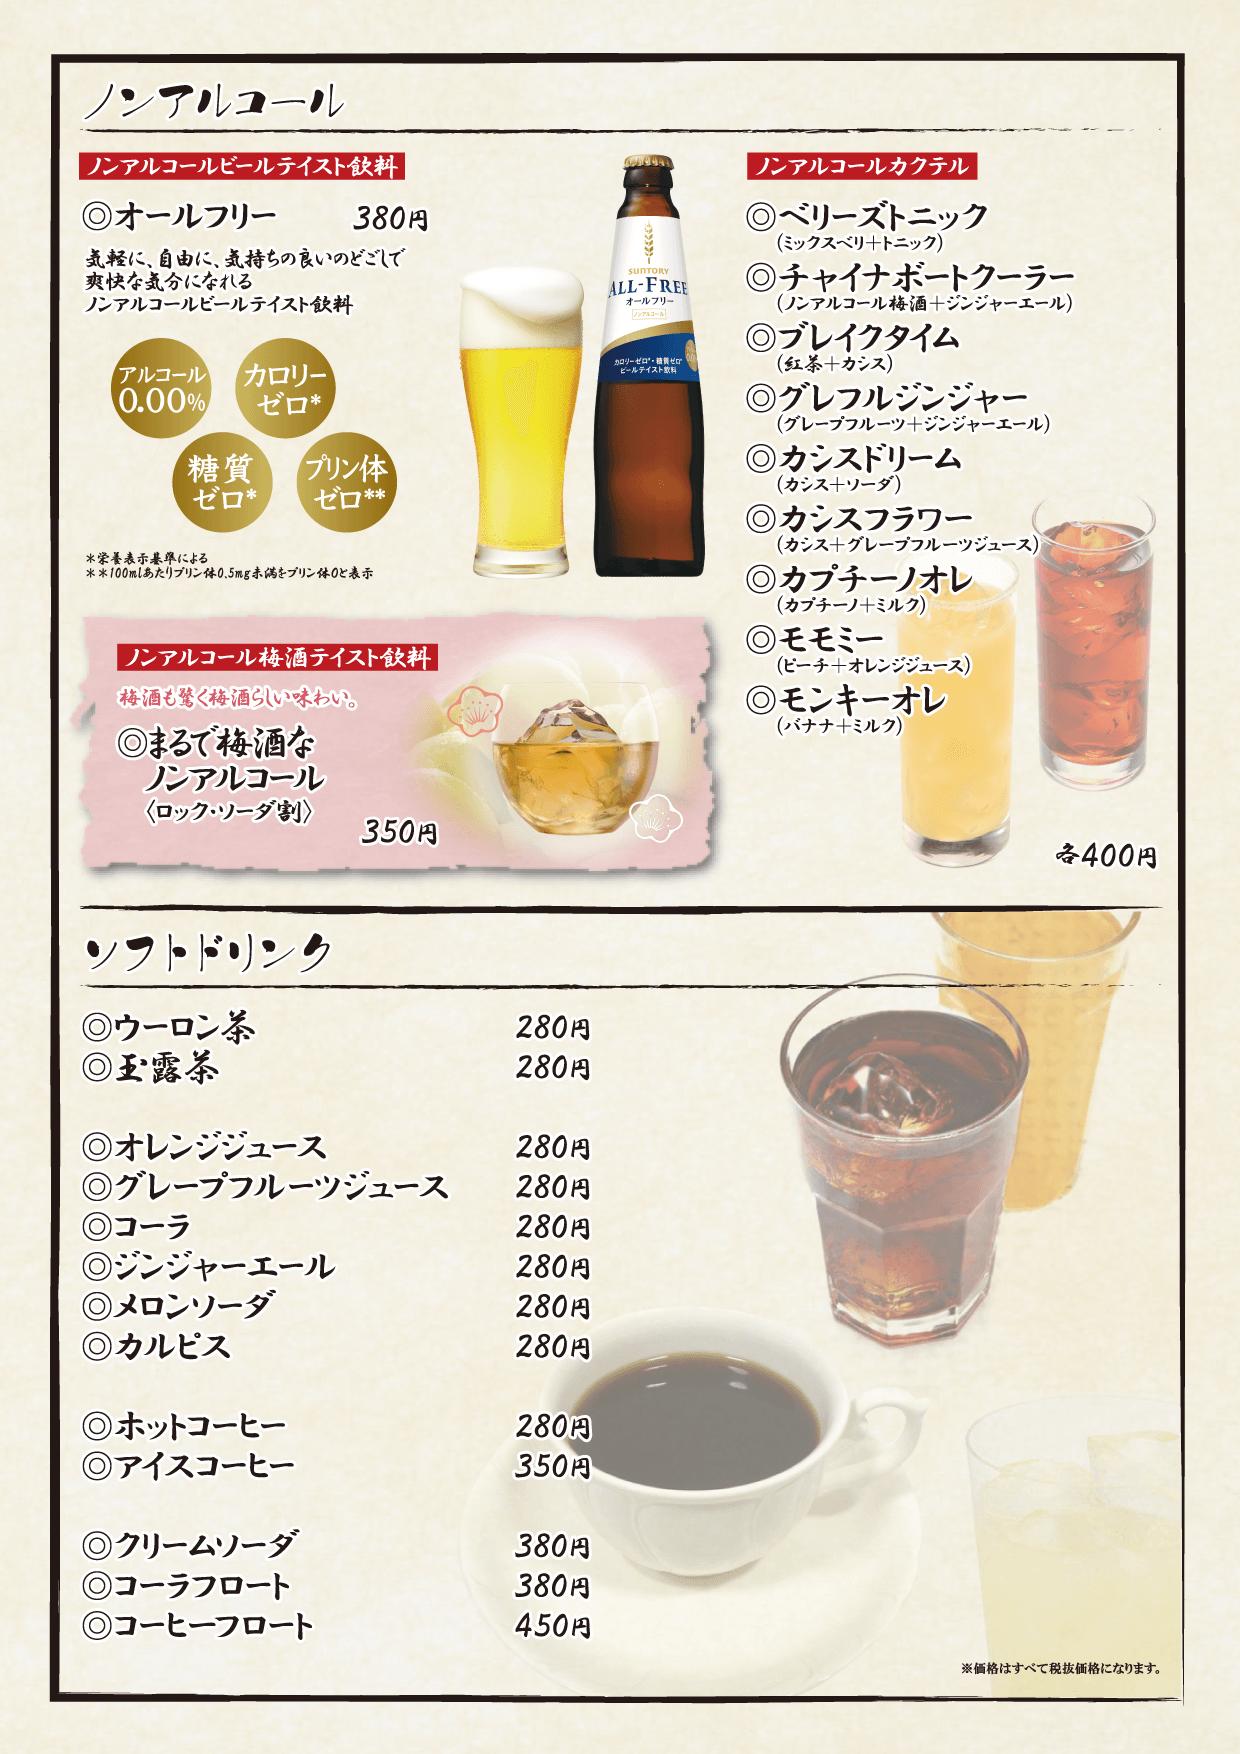 ノンアルコール・ソフトドリンク